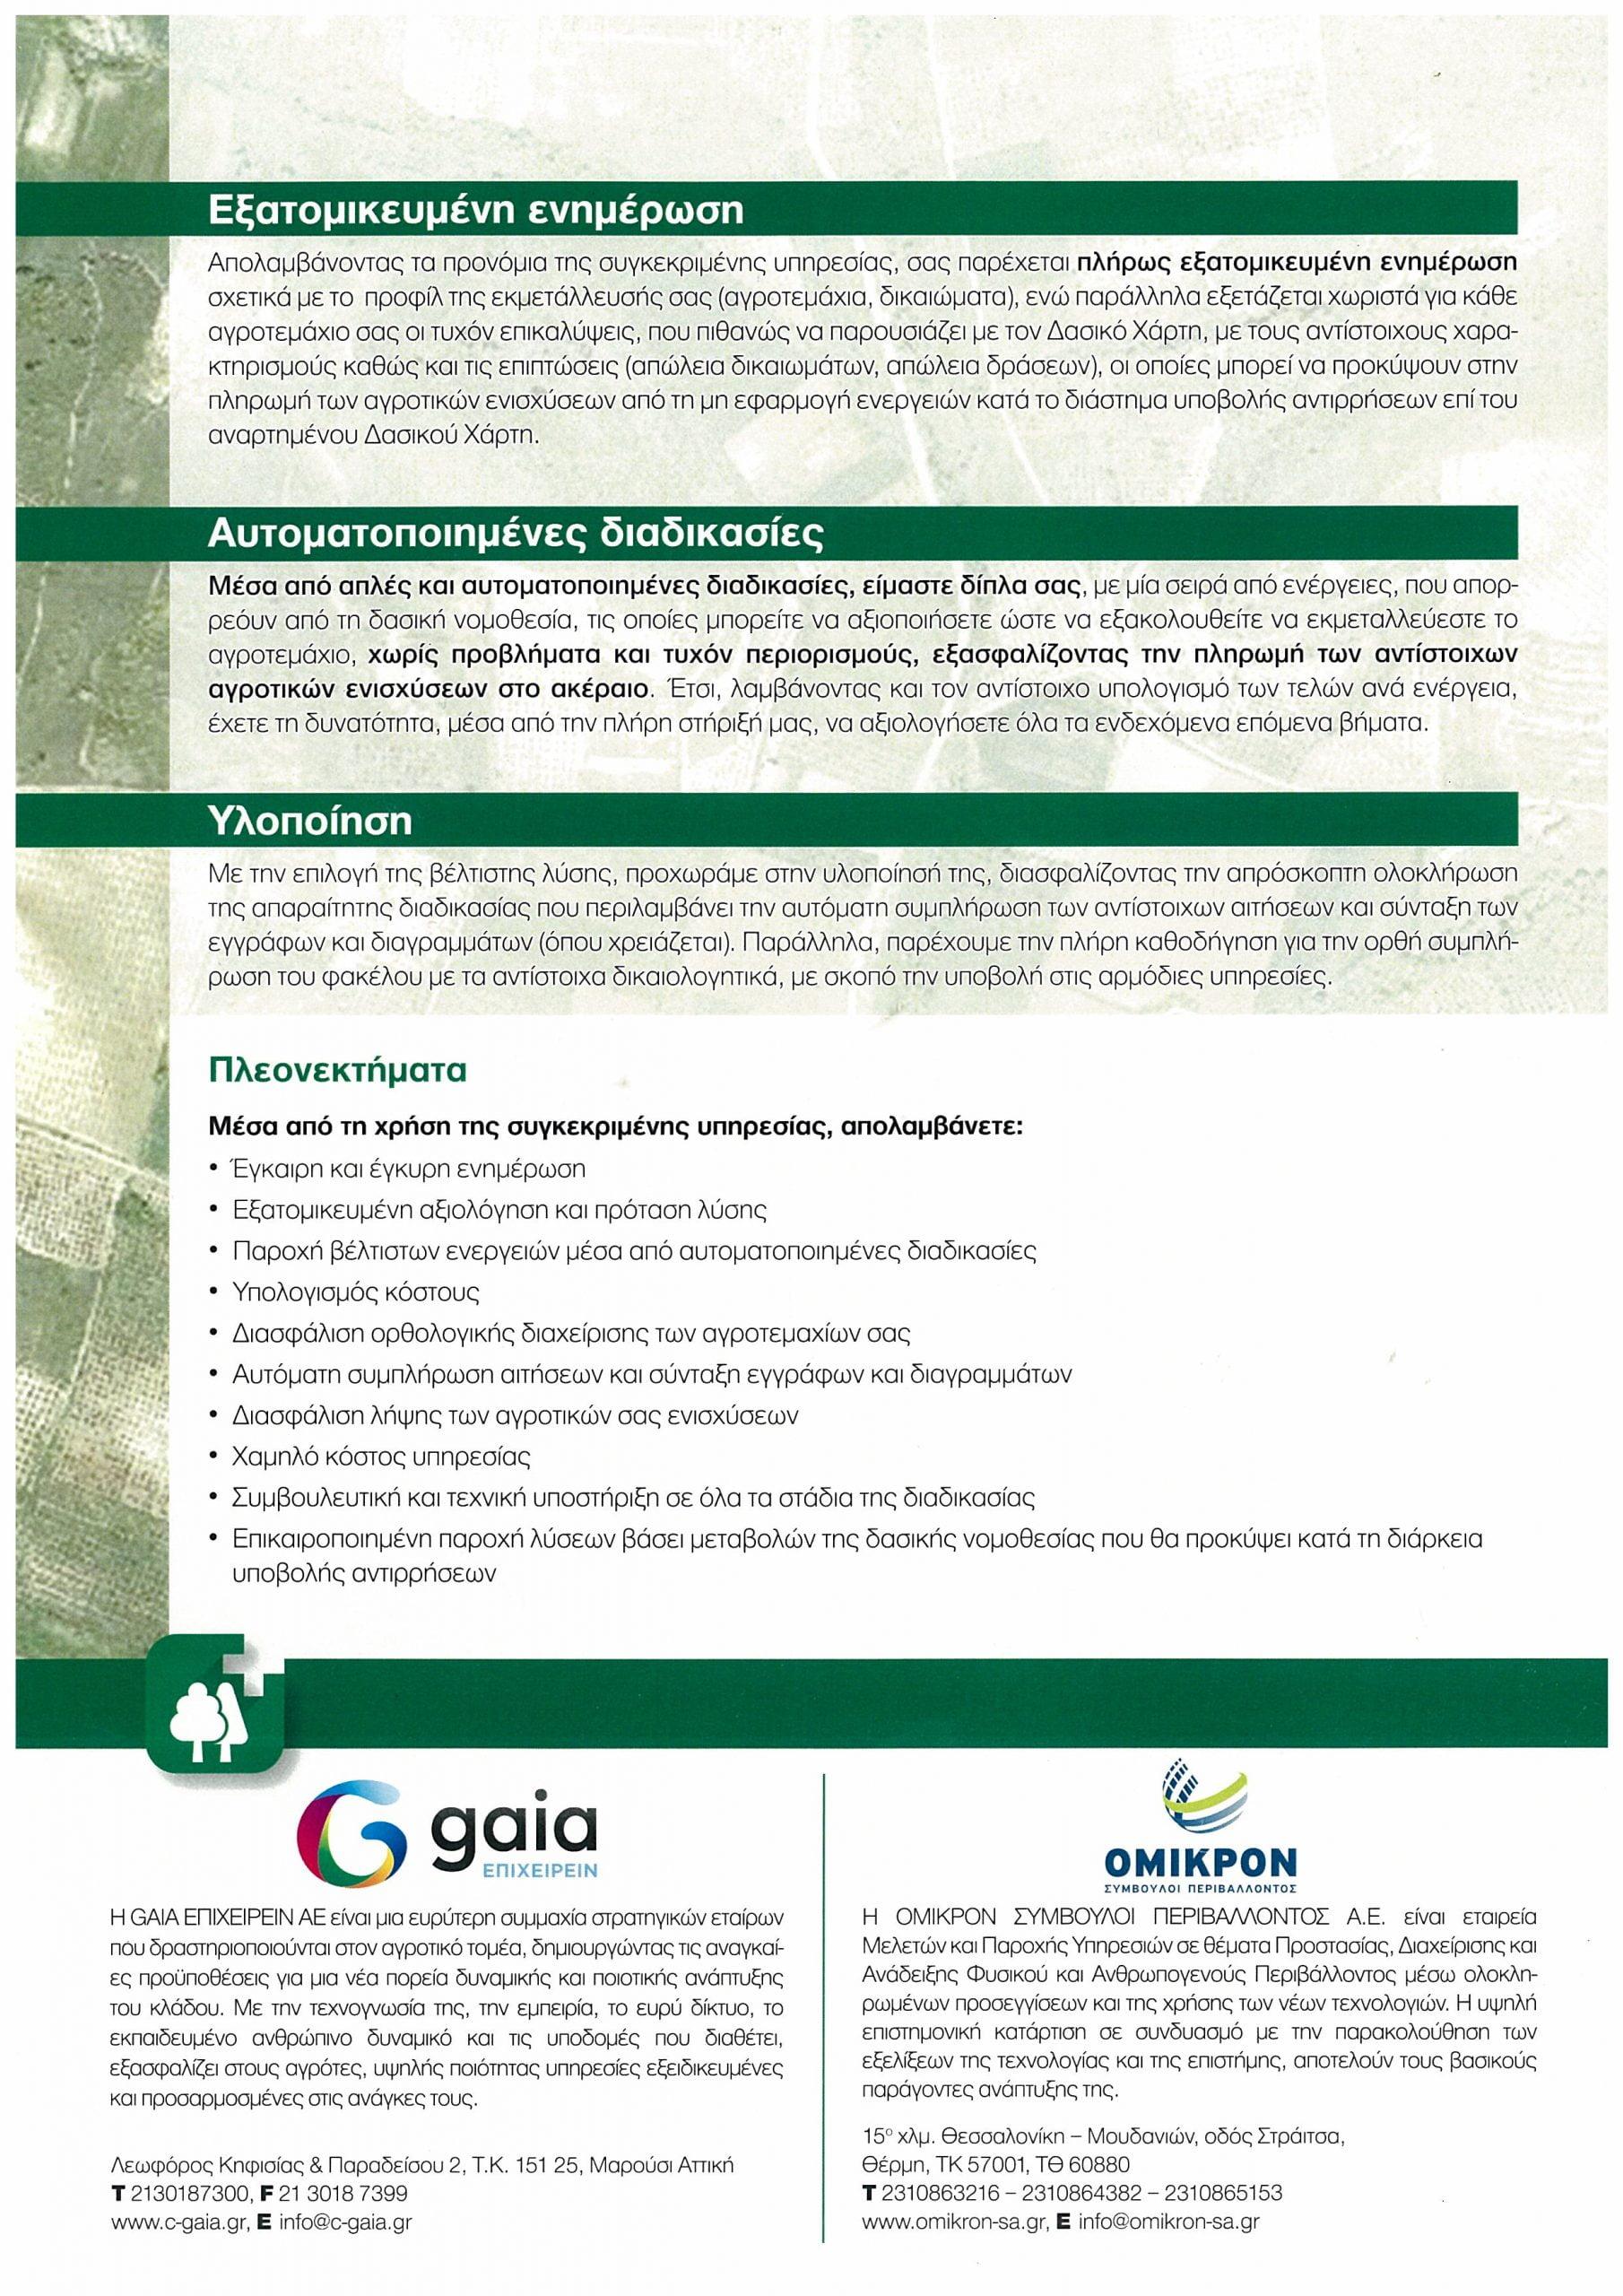 Φυλλάδιο Συμβουλευτικής υπηρεσίες αγροδασικής γης - σελίδα 2